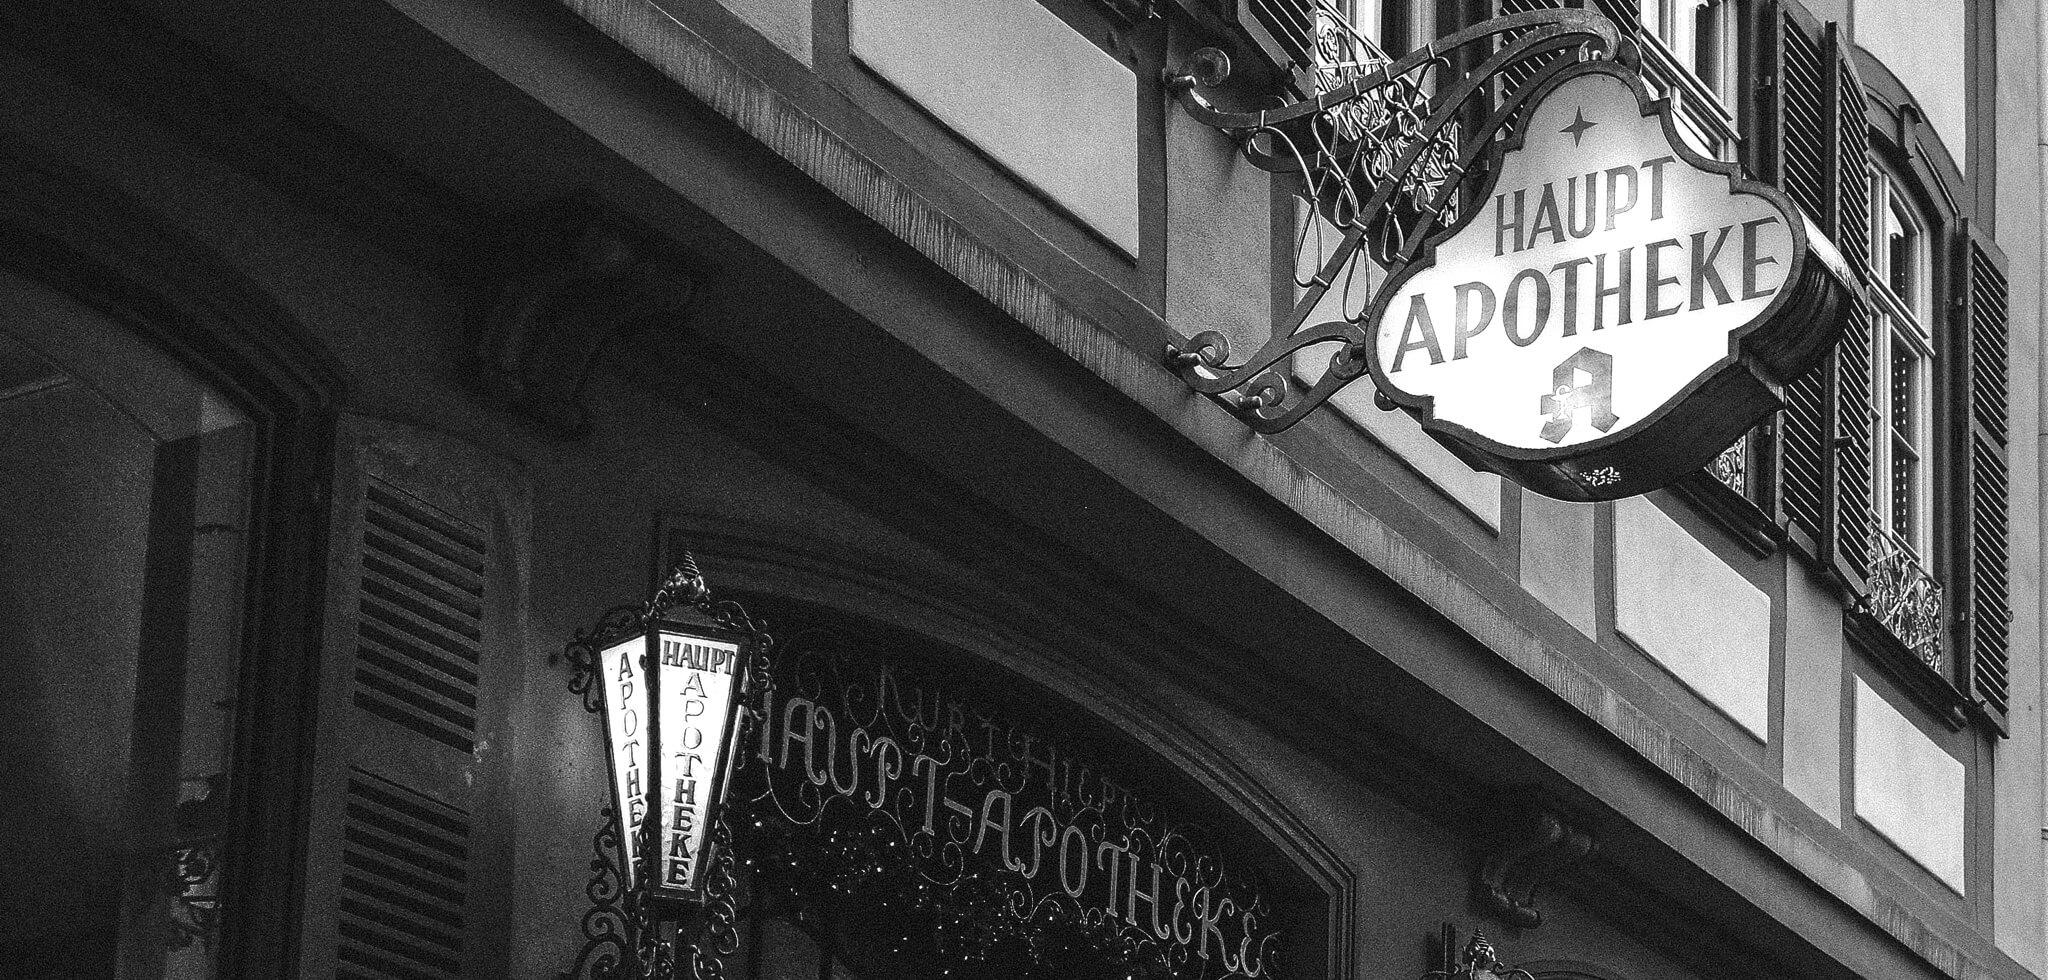 Altes Apothekenschild | Yusuf Avli - Unsplash